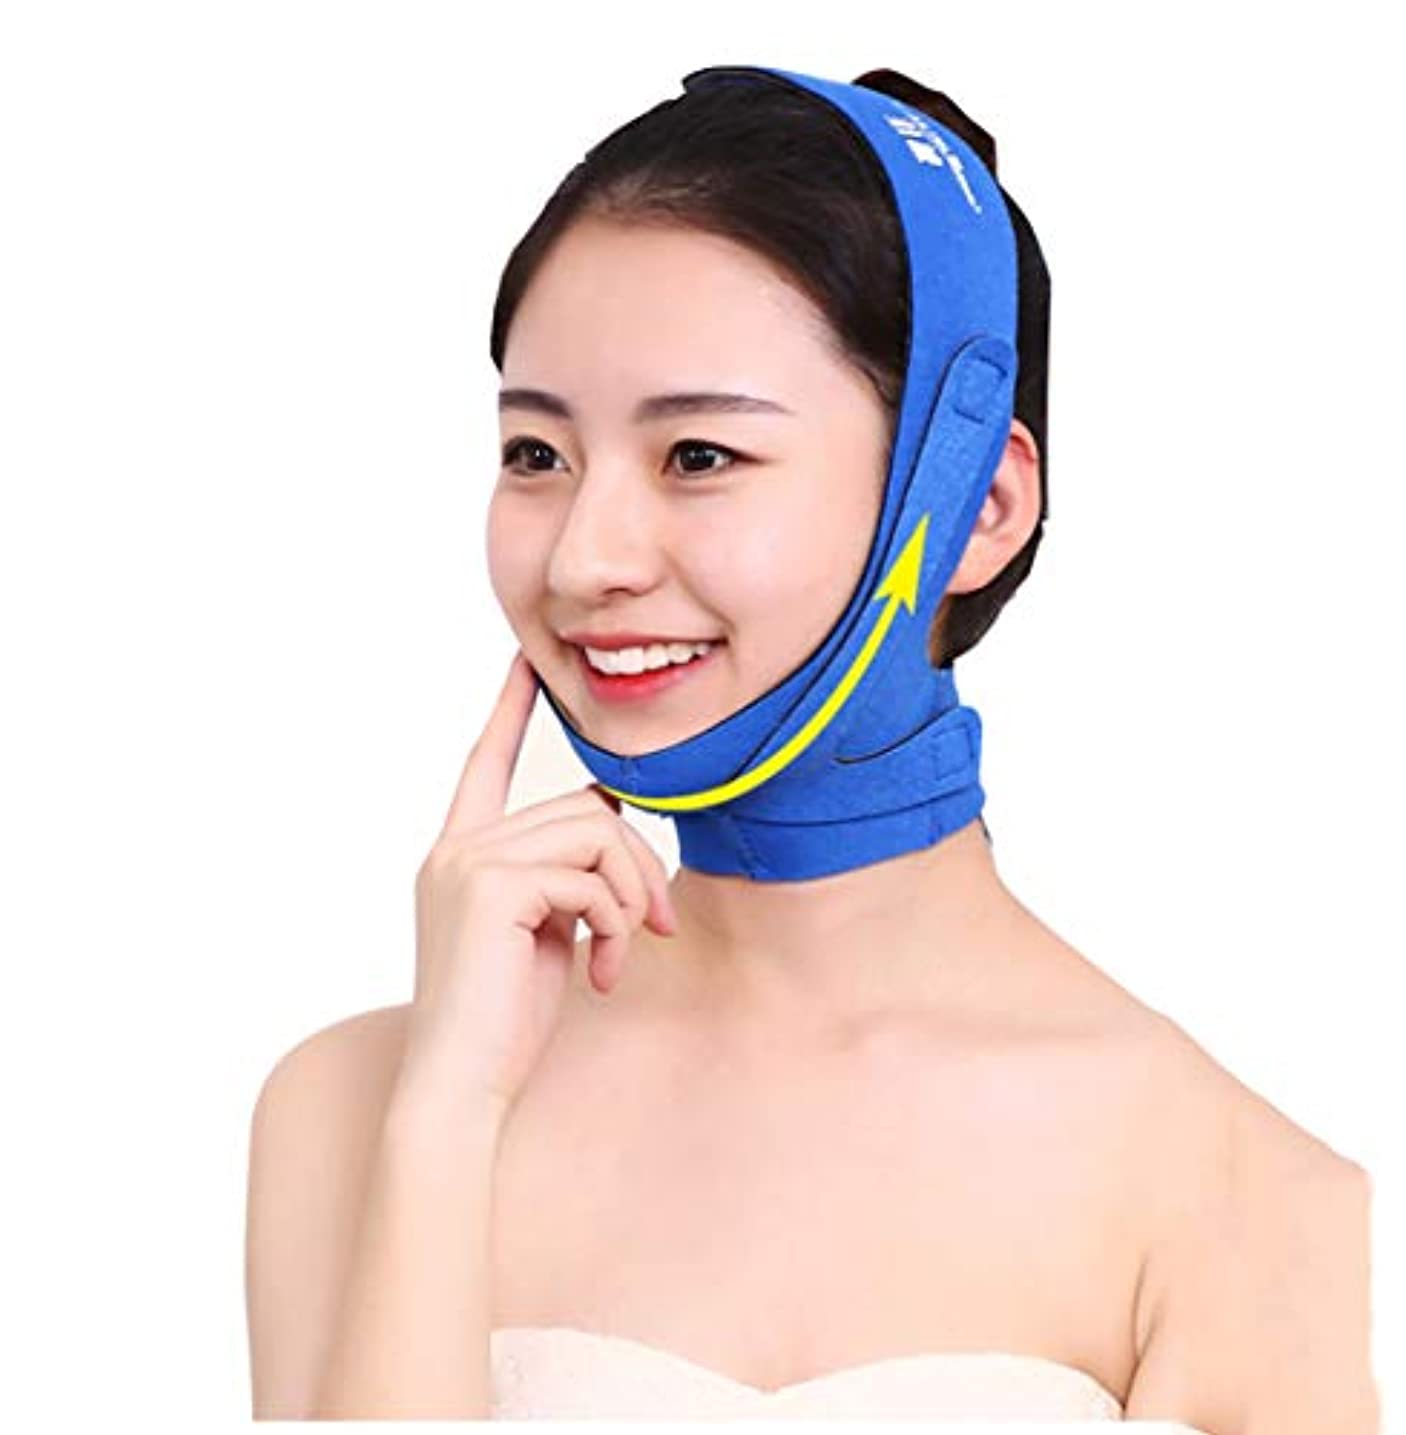 風邪をひく大事にする洗剤小顔 ベルト美顔 矯正 顔痩せ グッズ マスクサポーター フェイス リフト アップ